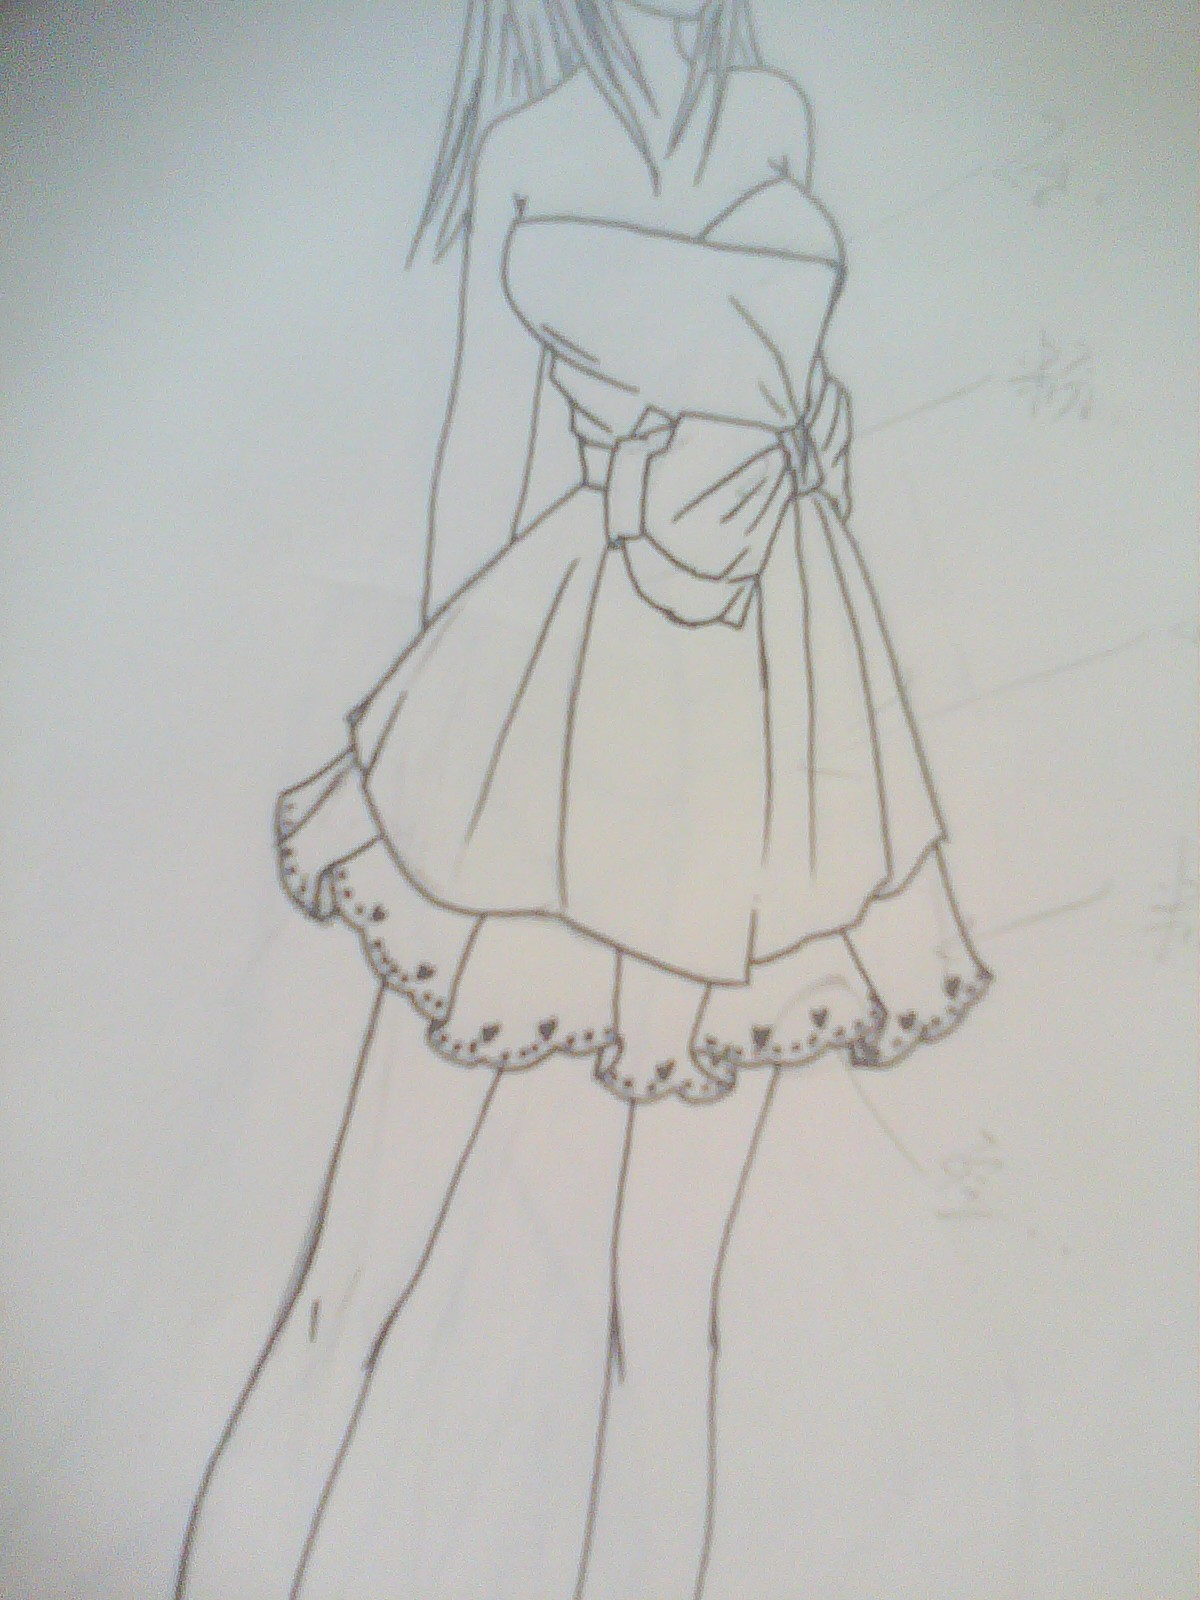 纯手绘铅笔画裙子